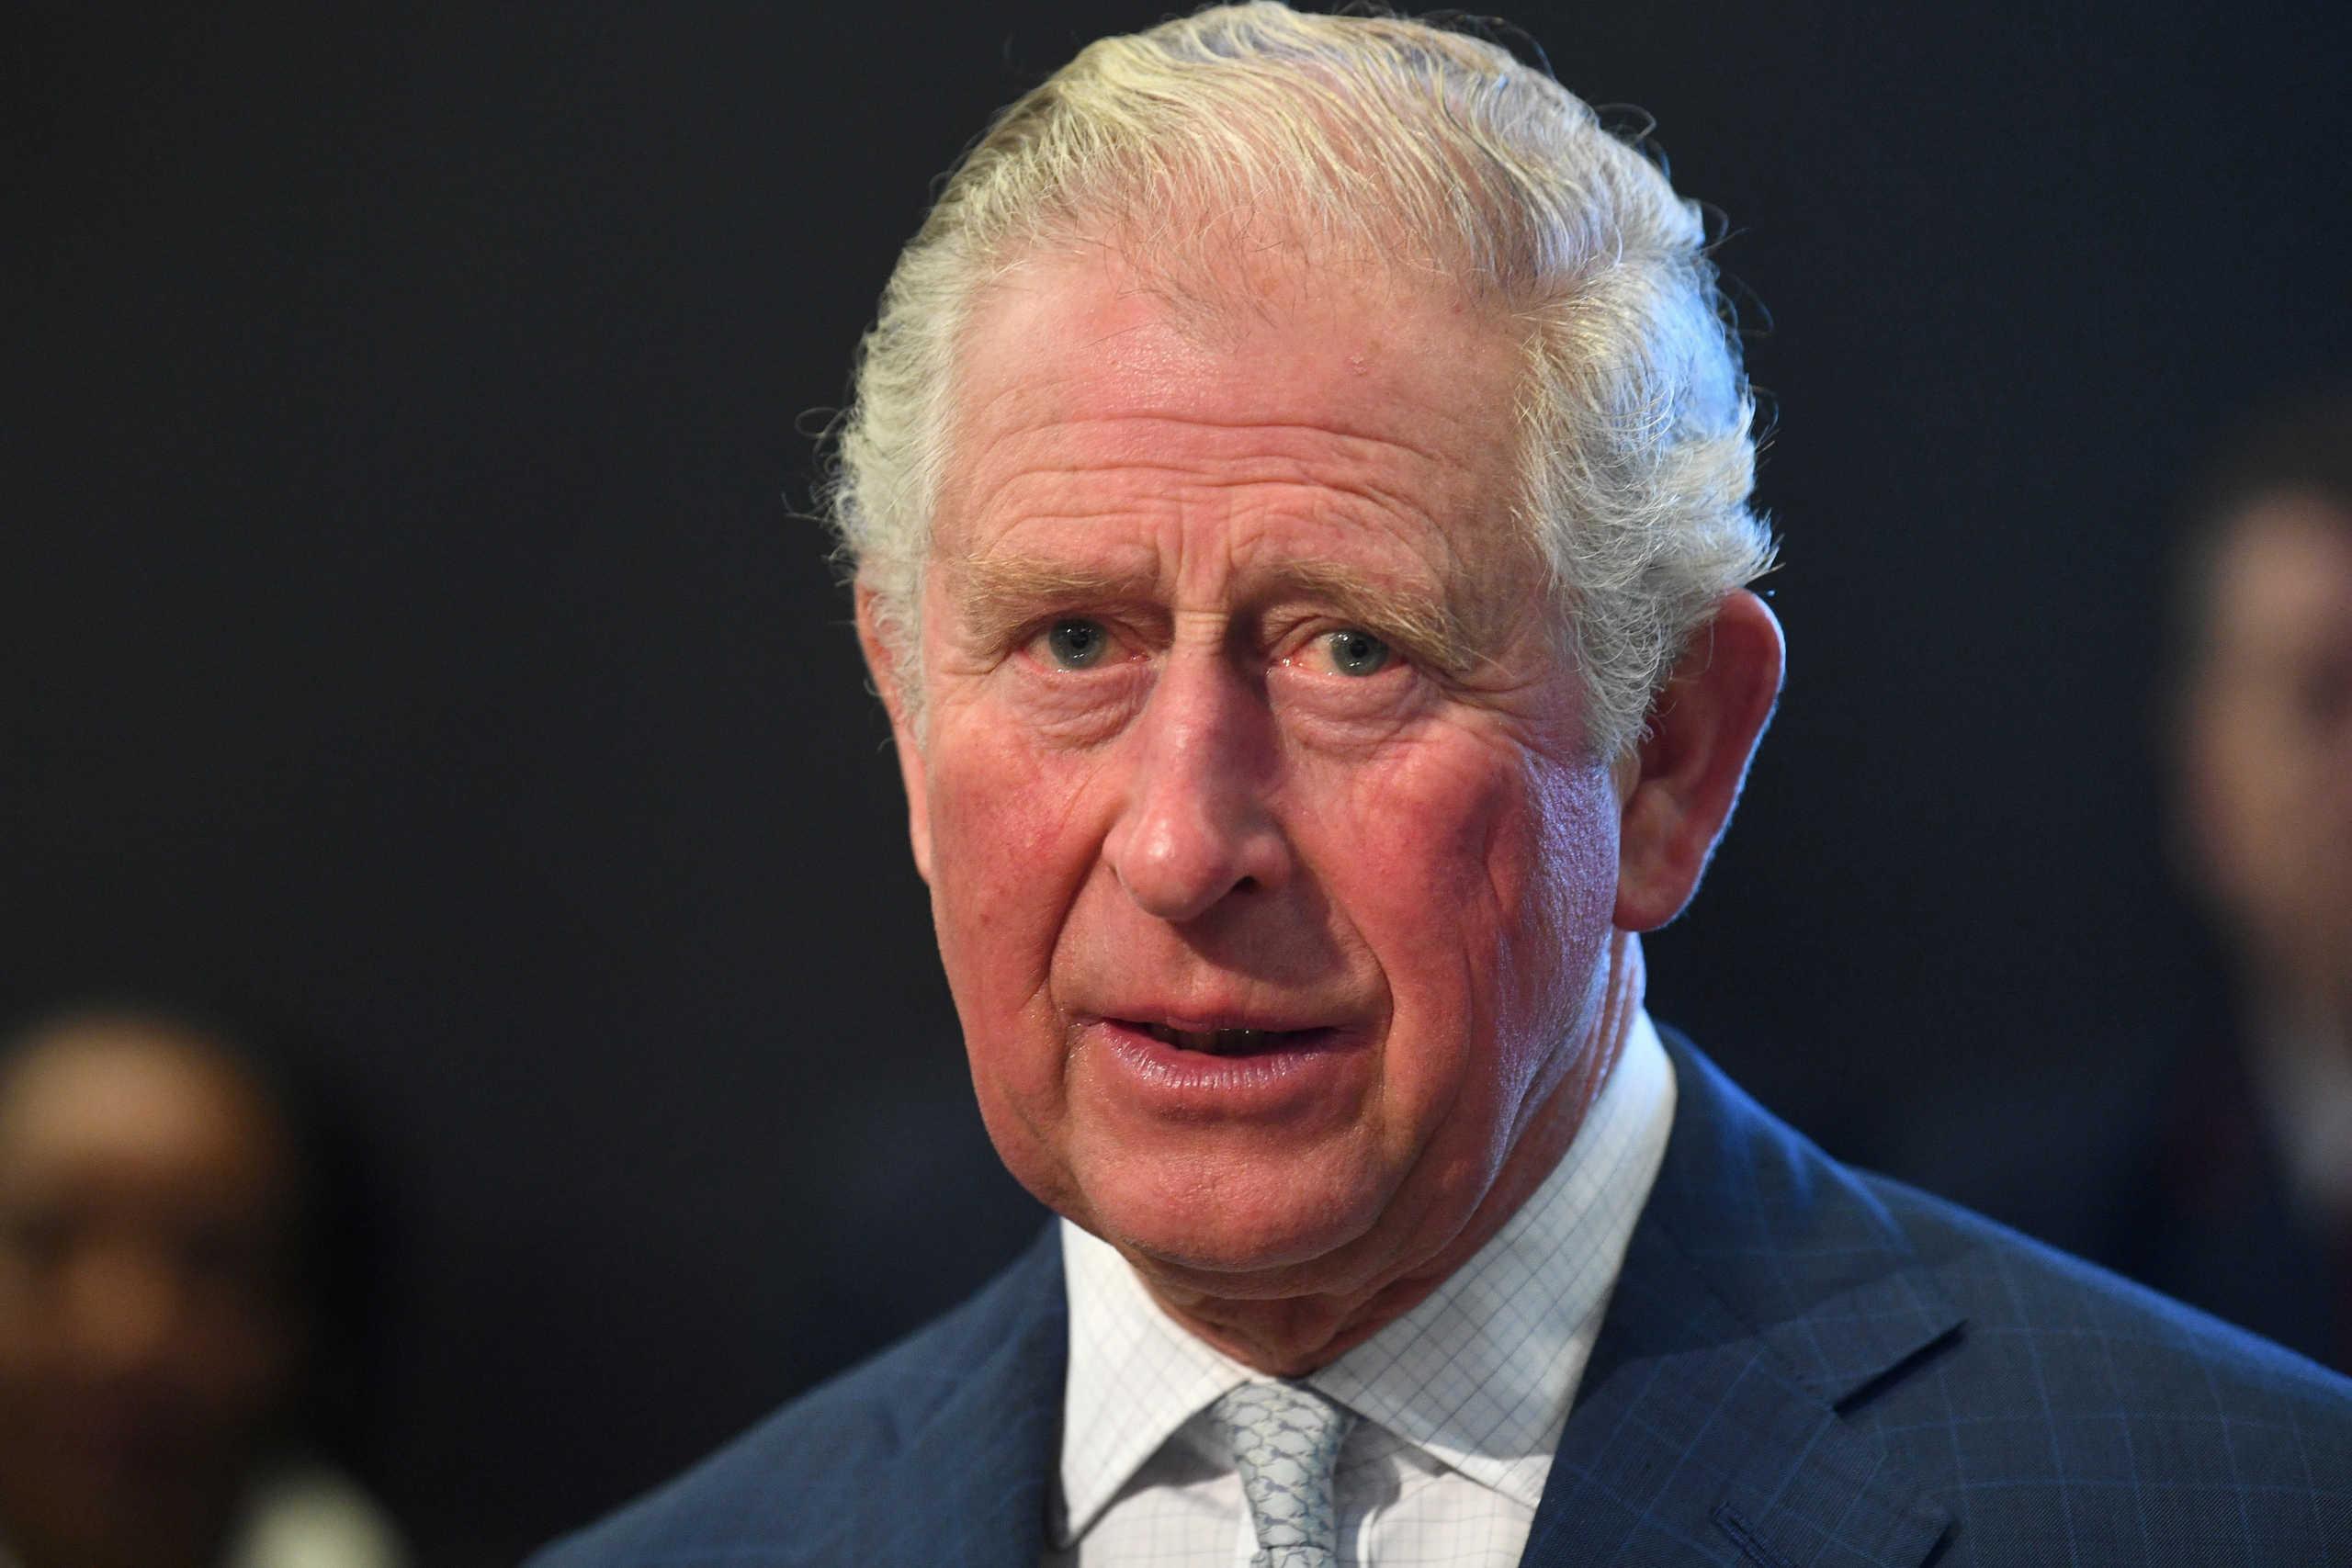 Θετικός στον κορονοϊό ο Πρίγκιπας Κάρολος - Υποψίες ότι τον κόλλησε ο Αλβέρτος του Μονακό